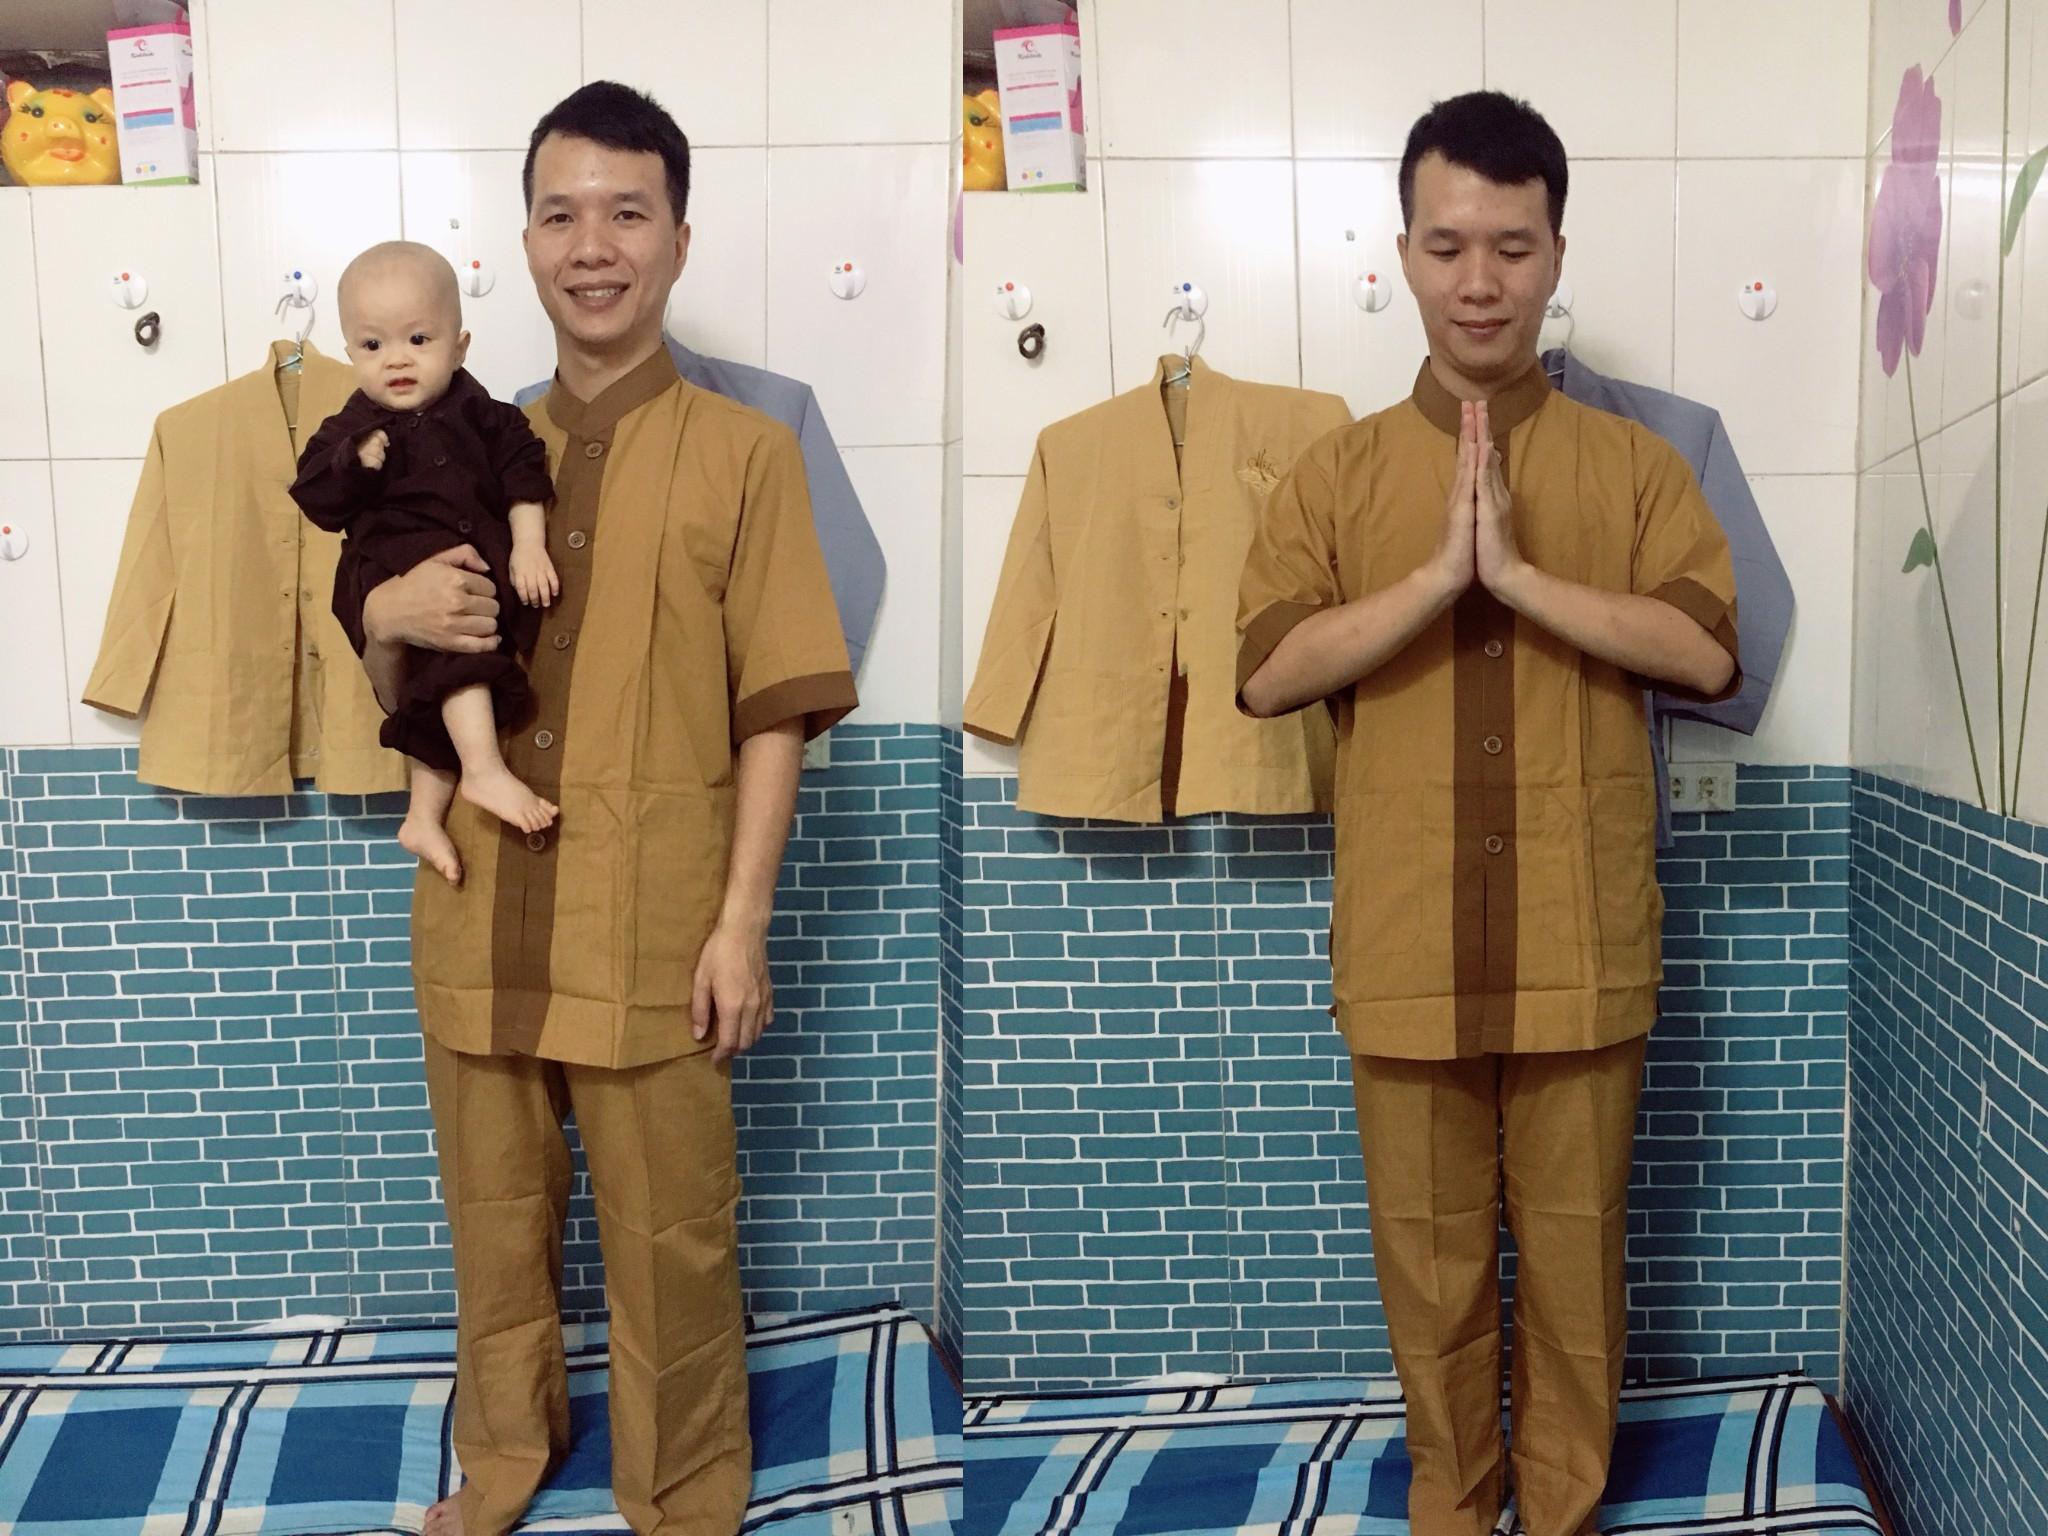 Quần áo phật tử - Quần áo đi chùa - Vòng đá phong thủy - Đài niệm phật – shopphattuonline.com